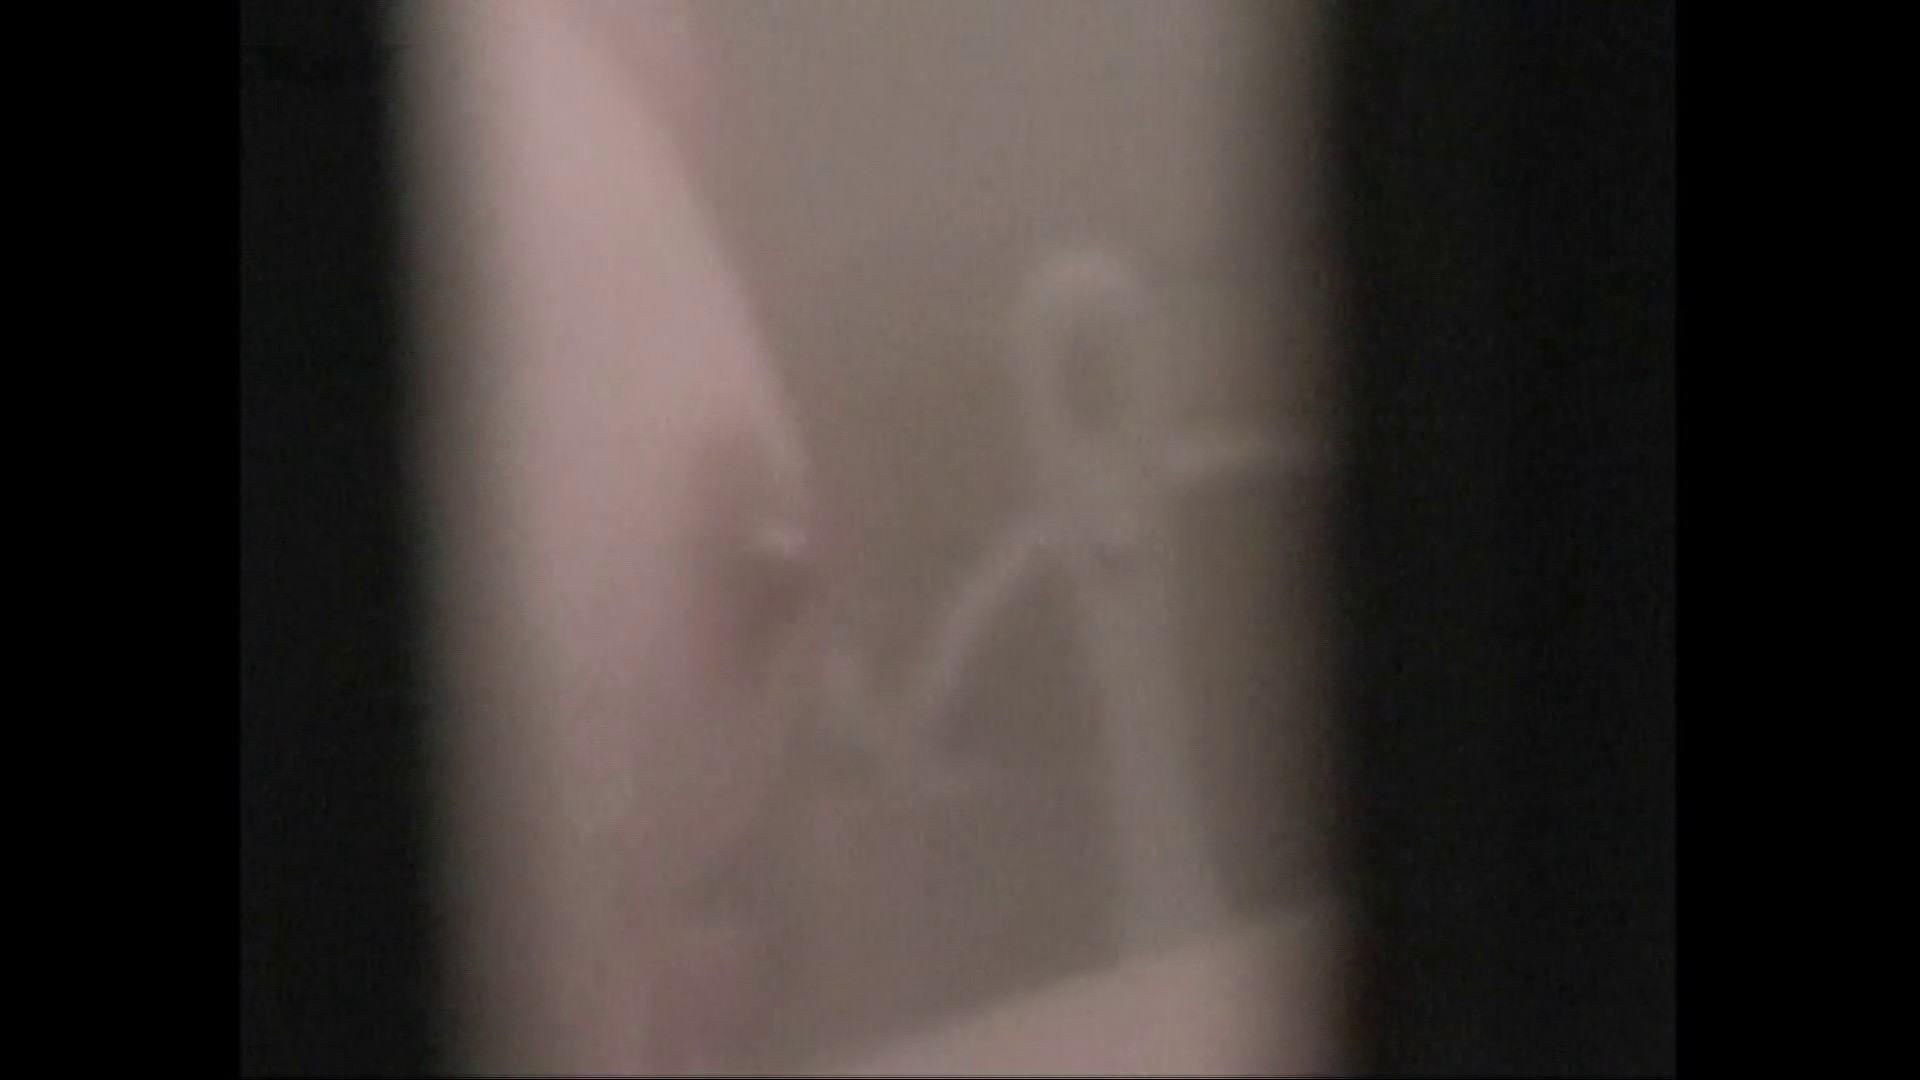 隙間からノゾク風呂 Vol.28 色白のロングヘアー美人がワシャワシャと。 OL   入浴シーン  53連発 46